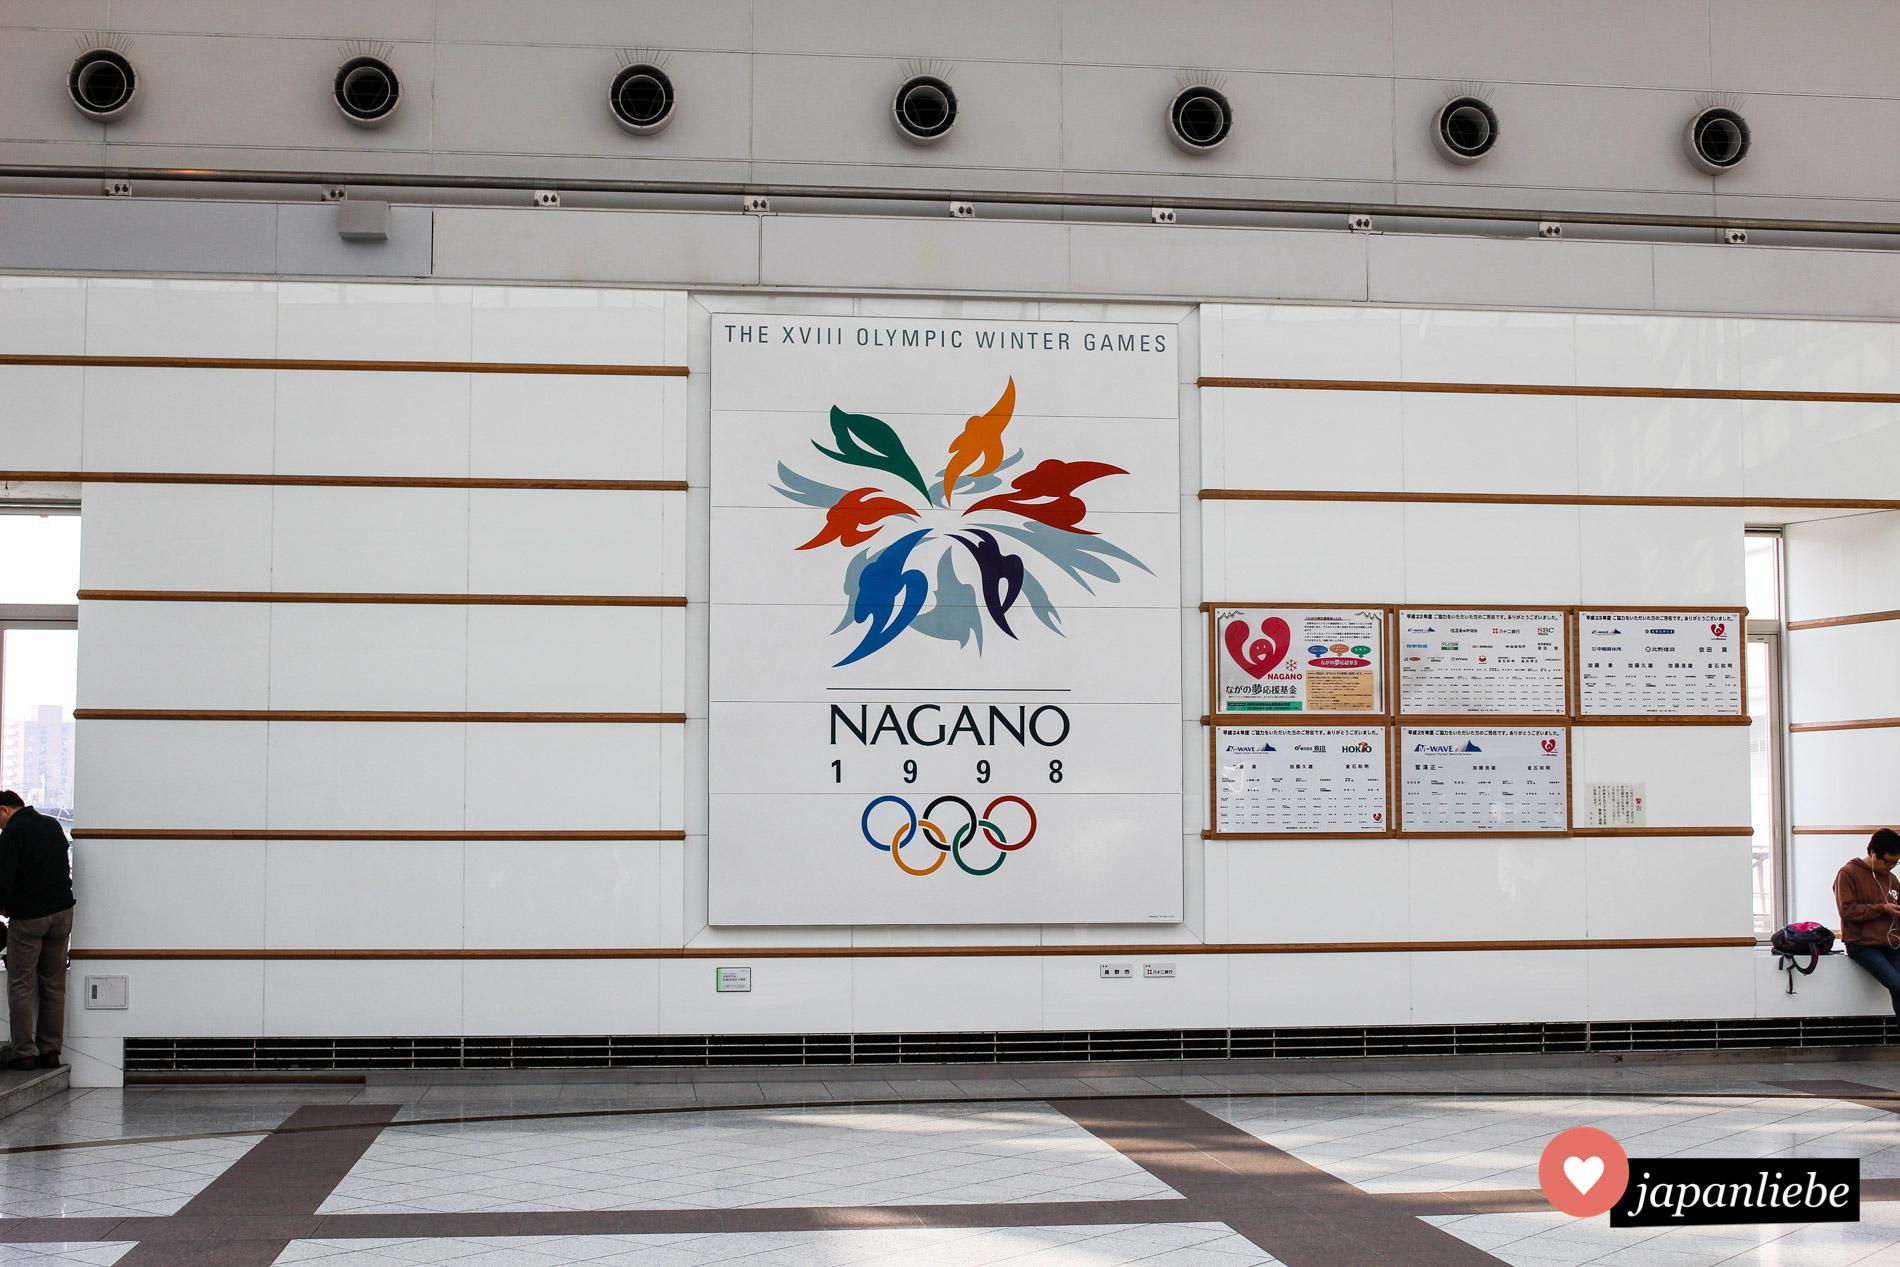 Am Bahnhof in Nagano erinnert eine große Gedenktafel an die Olympischen Winterspiele von 1998.